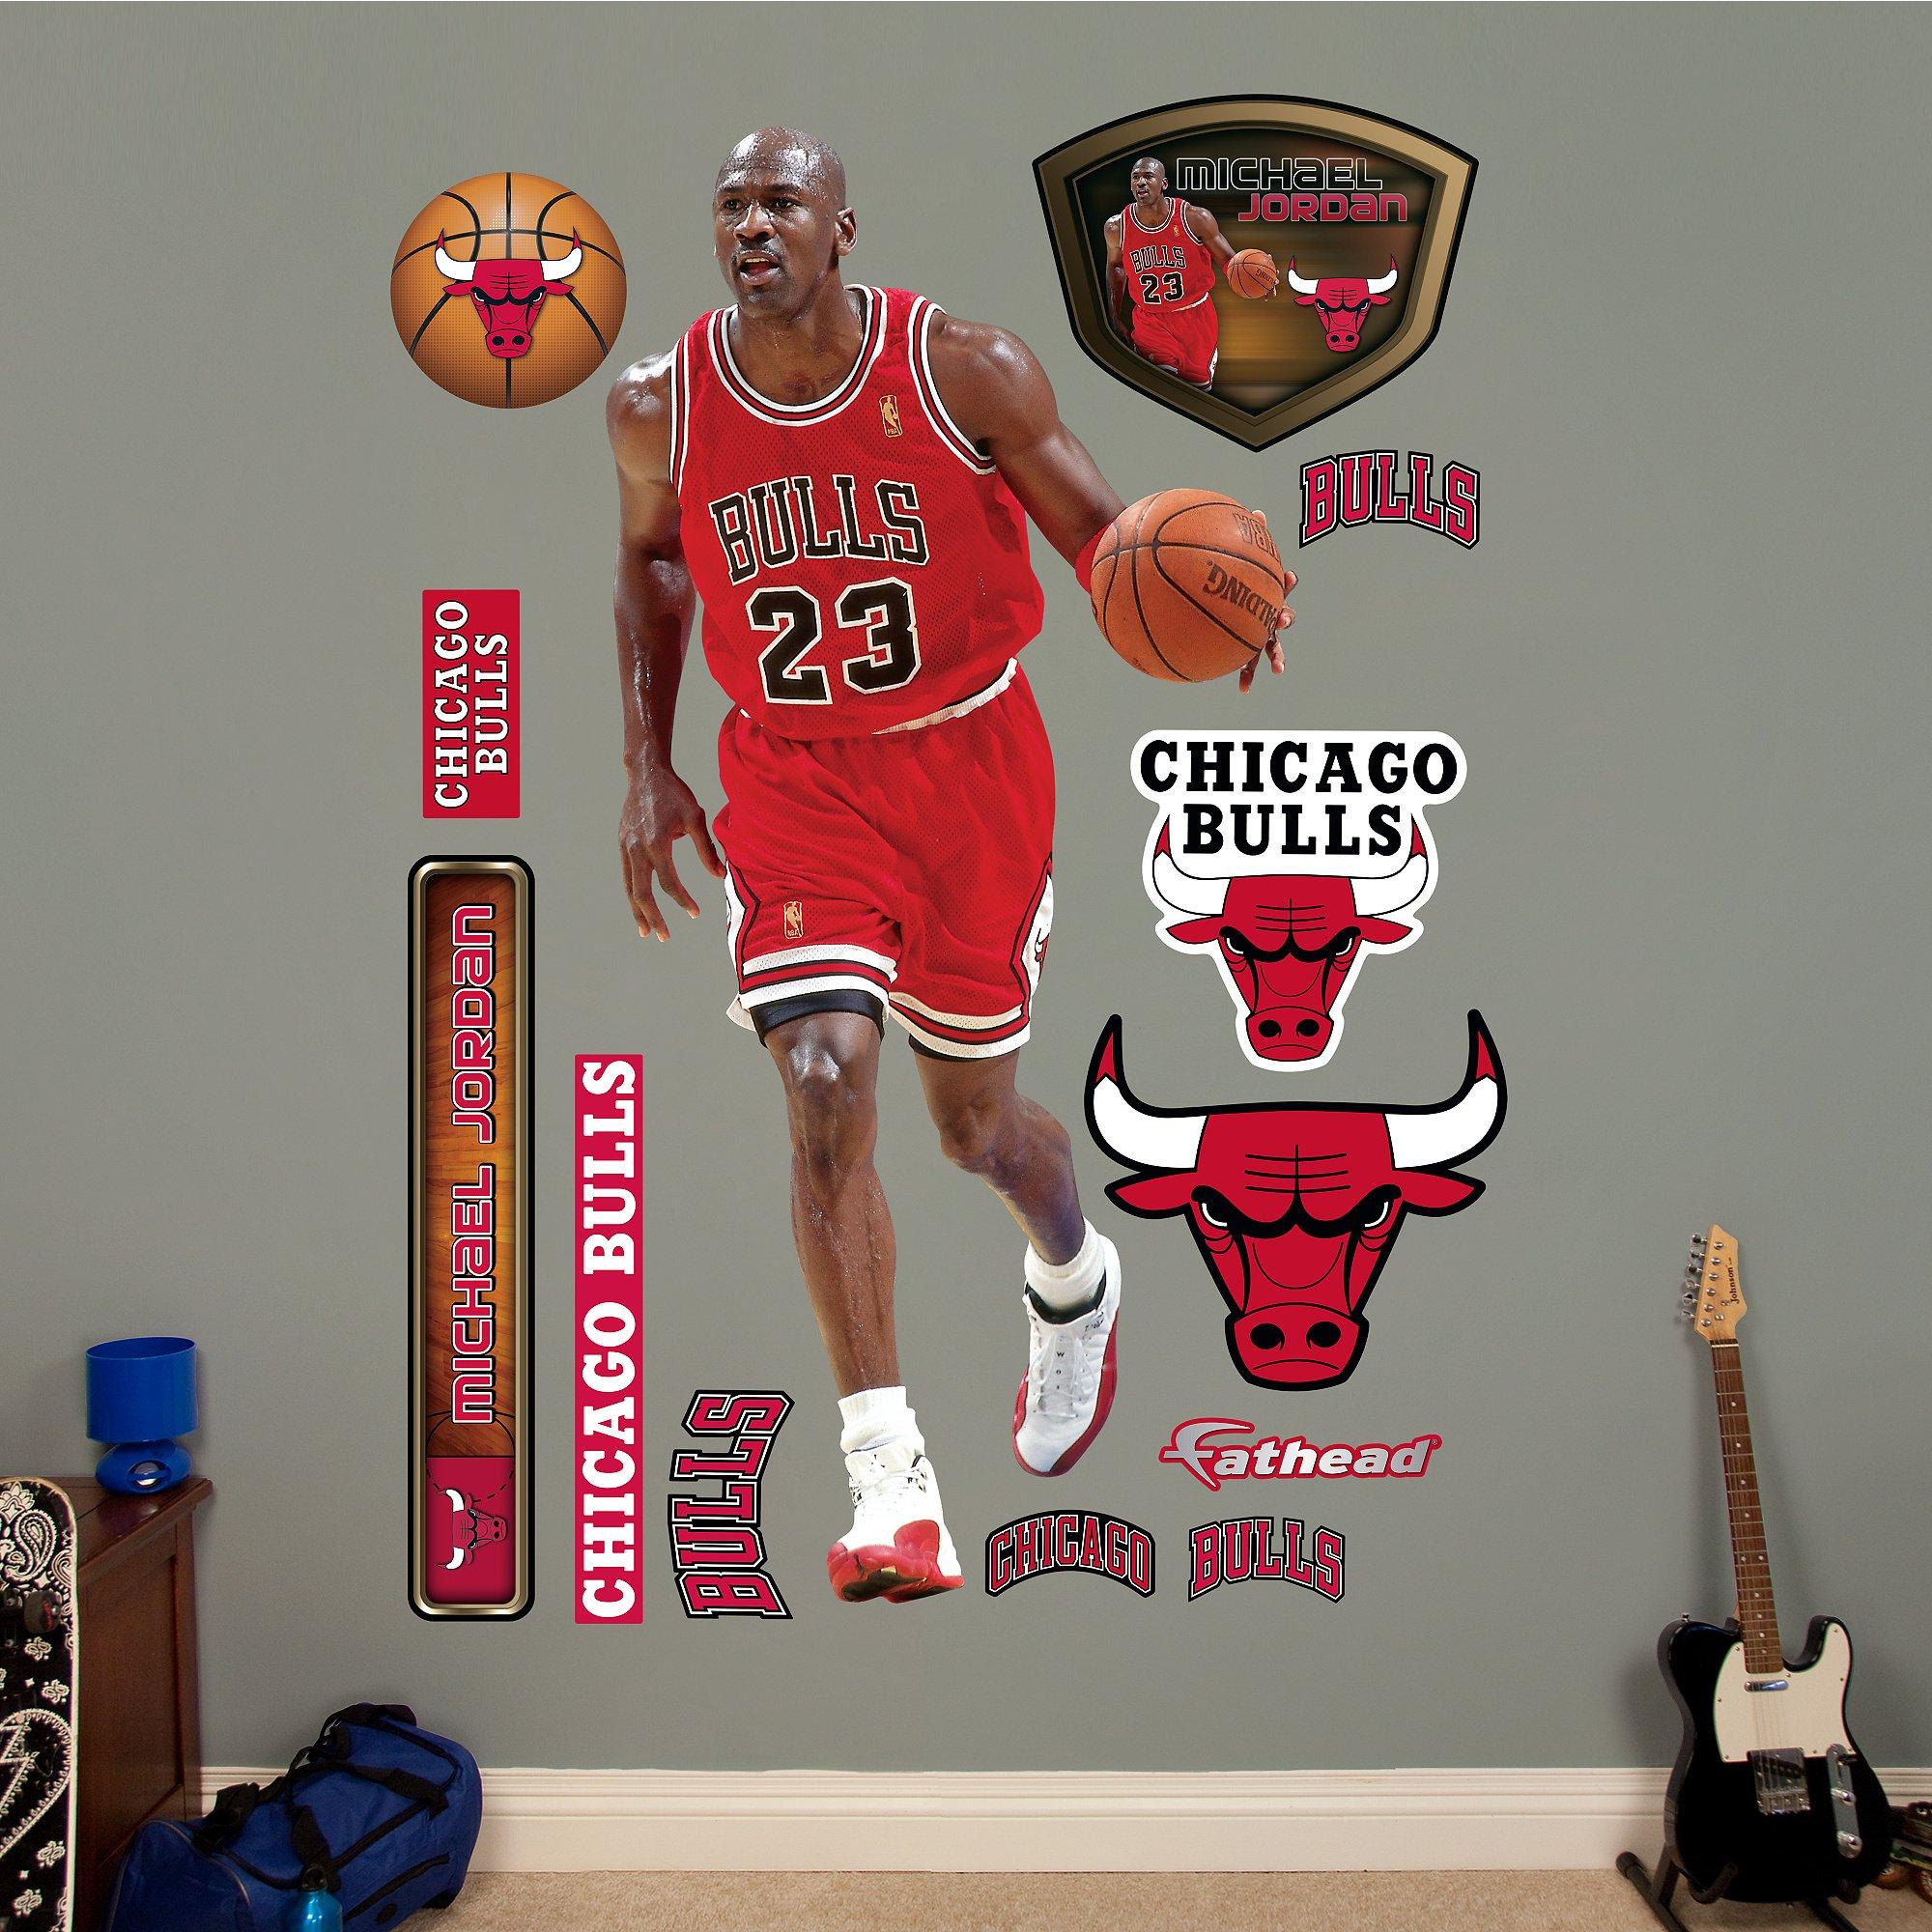 NBA Chicago Bulls Michael Jordan Fathead Real Big Decals, 3'1'' x 6'6''